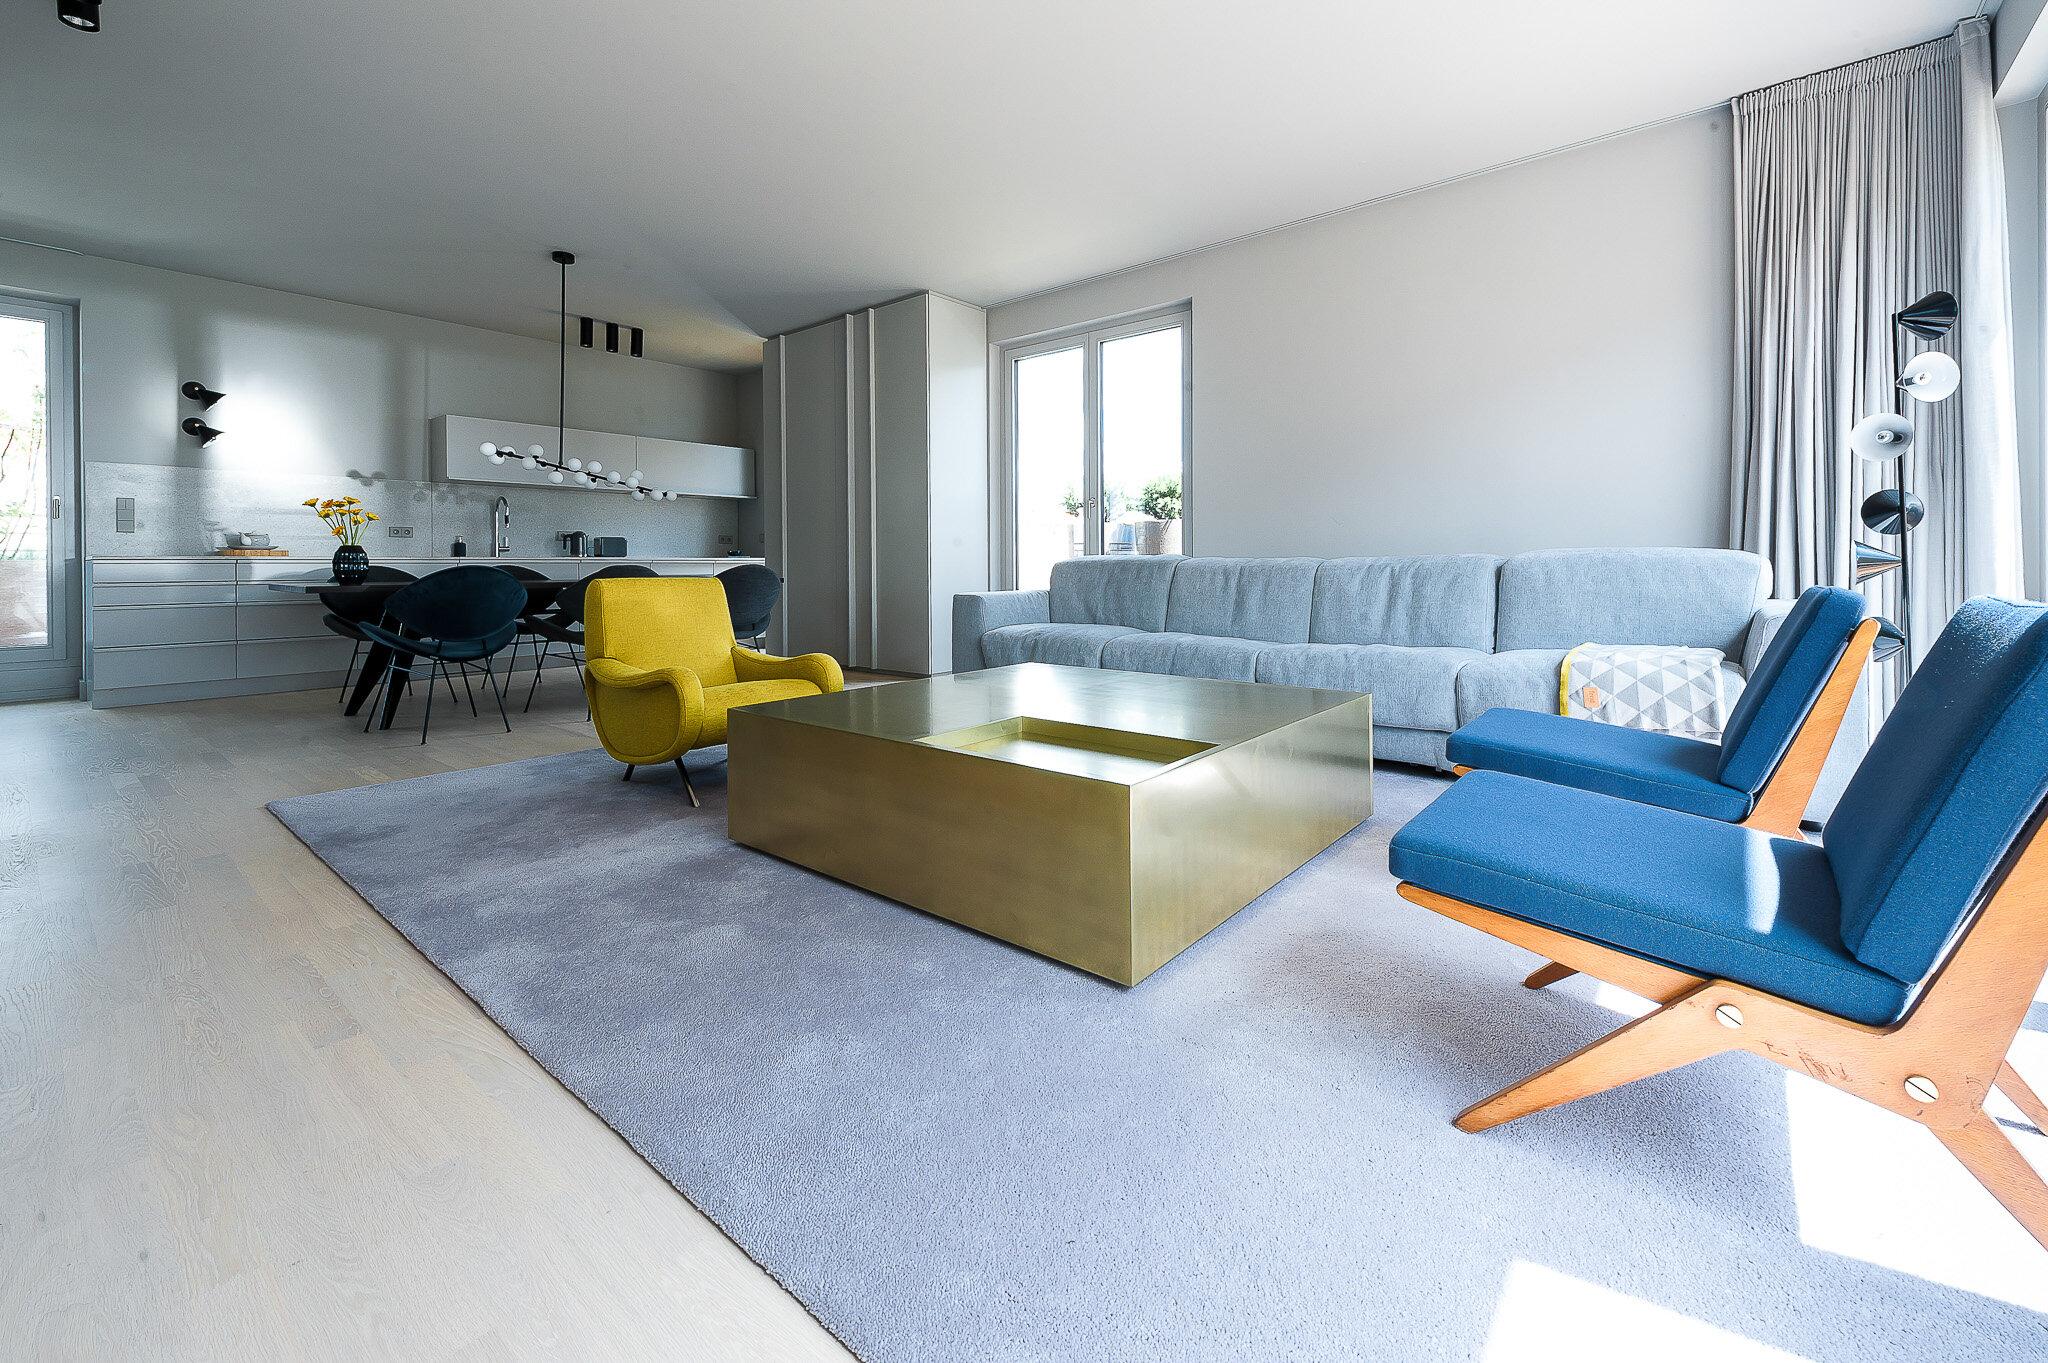 Wohnzimmer im Apartment mit Designermöbeln und offener Küche